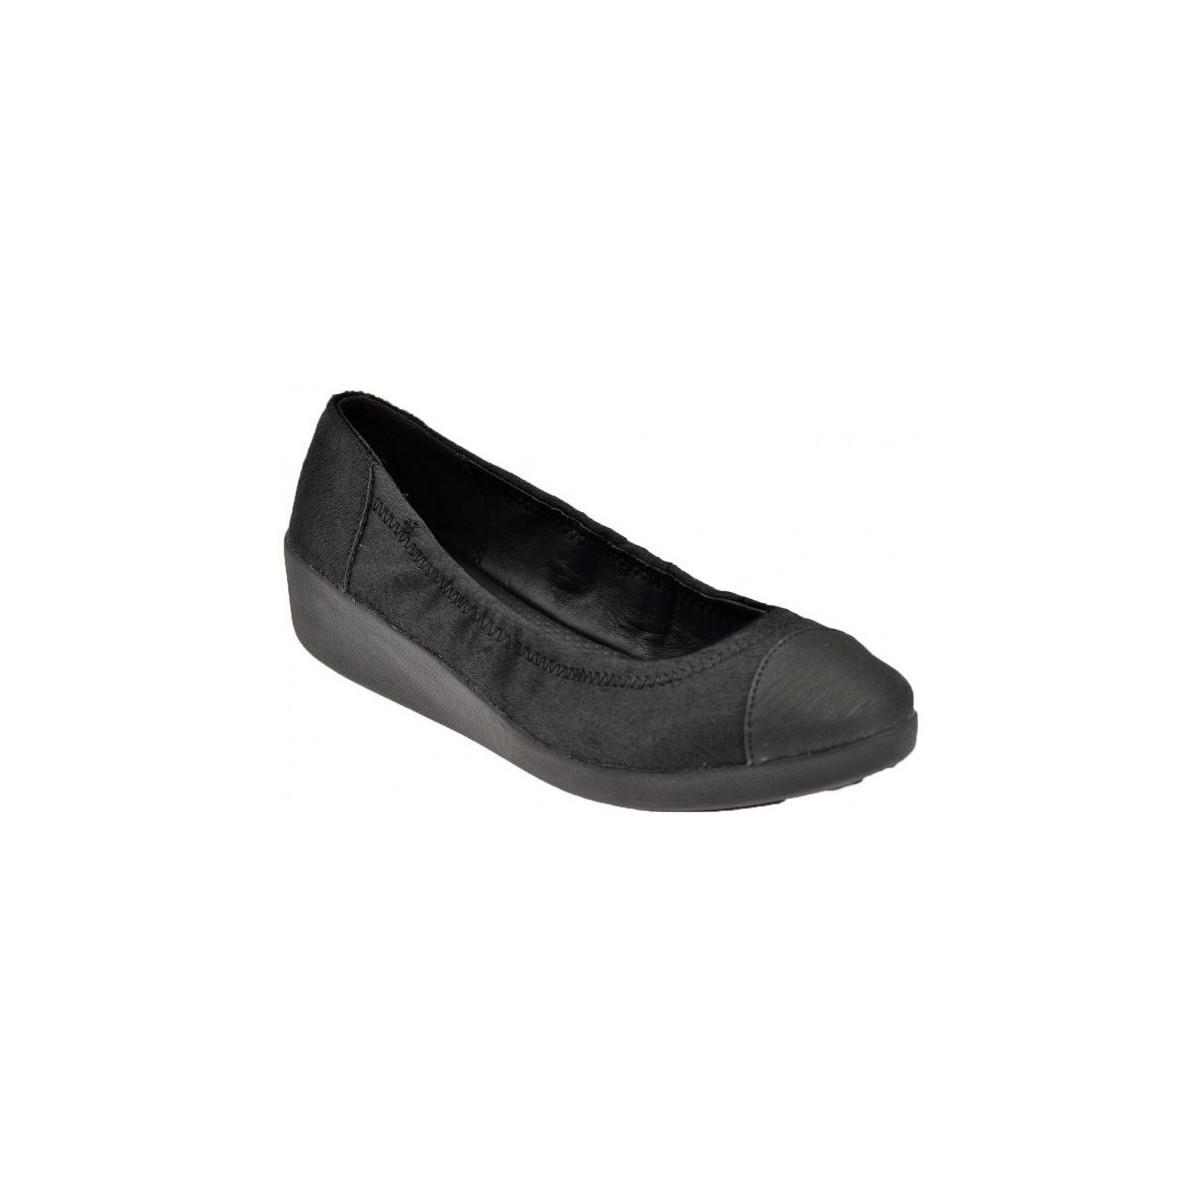 FitFlop F-Pop ™ ballet ballerinas  - Schuhe Ballerinas Damen 89,90 €